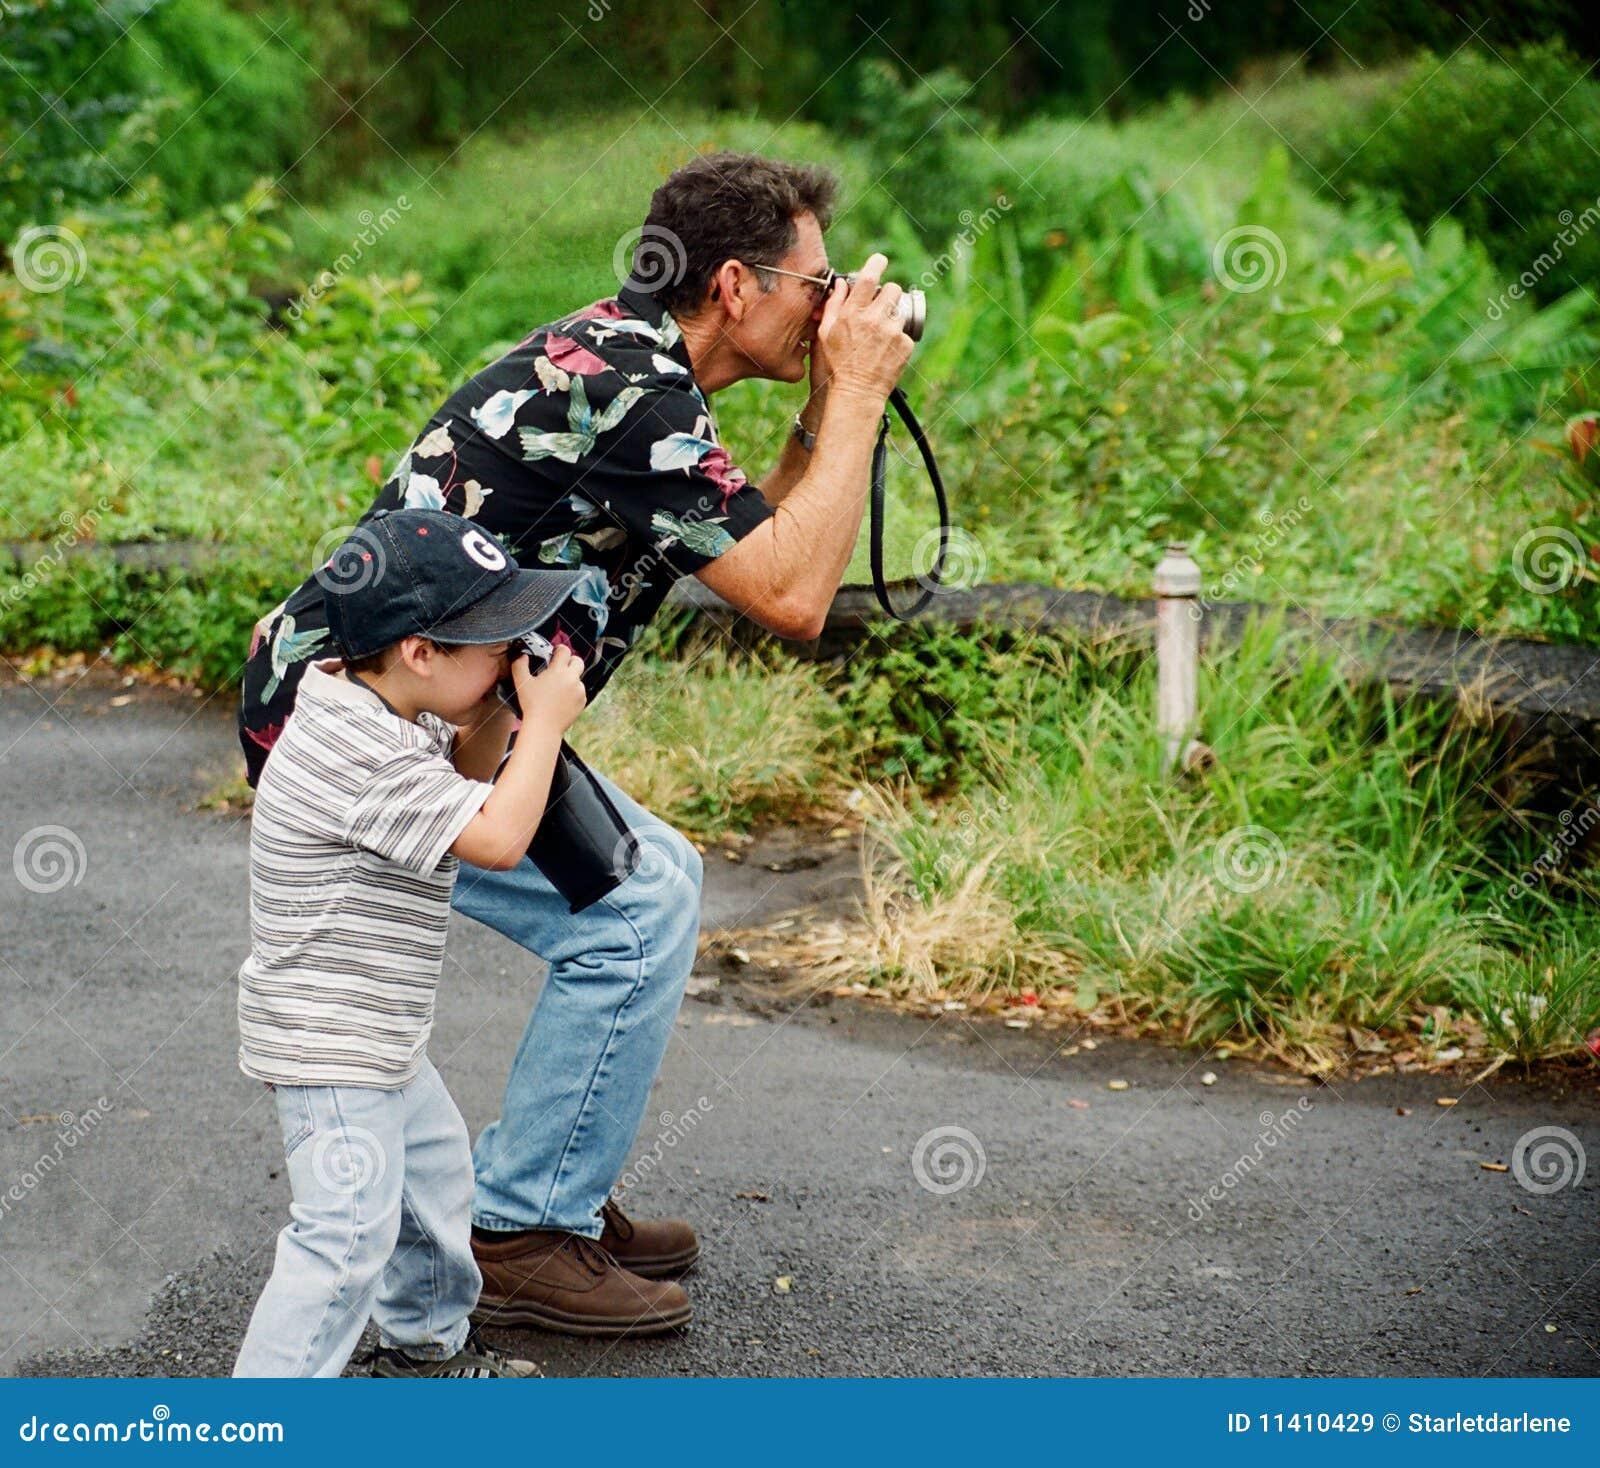 祖父孙子拍照